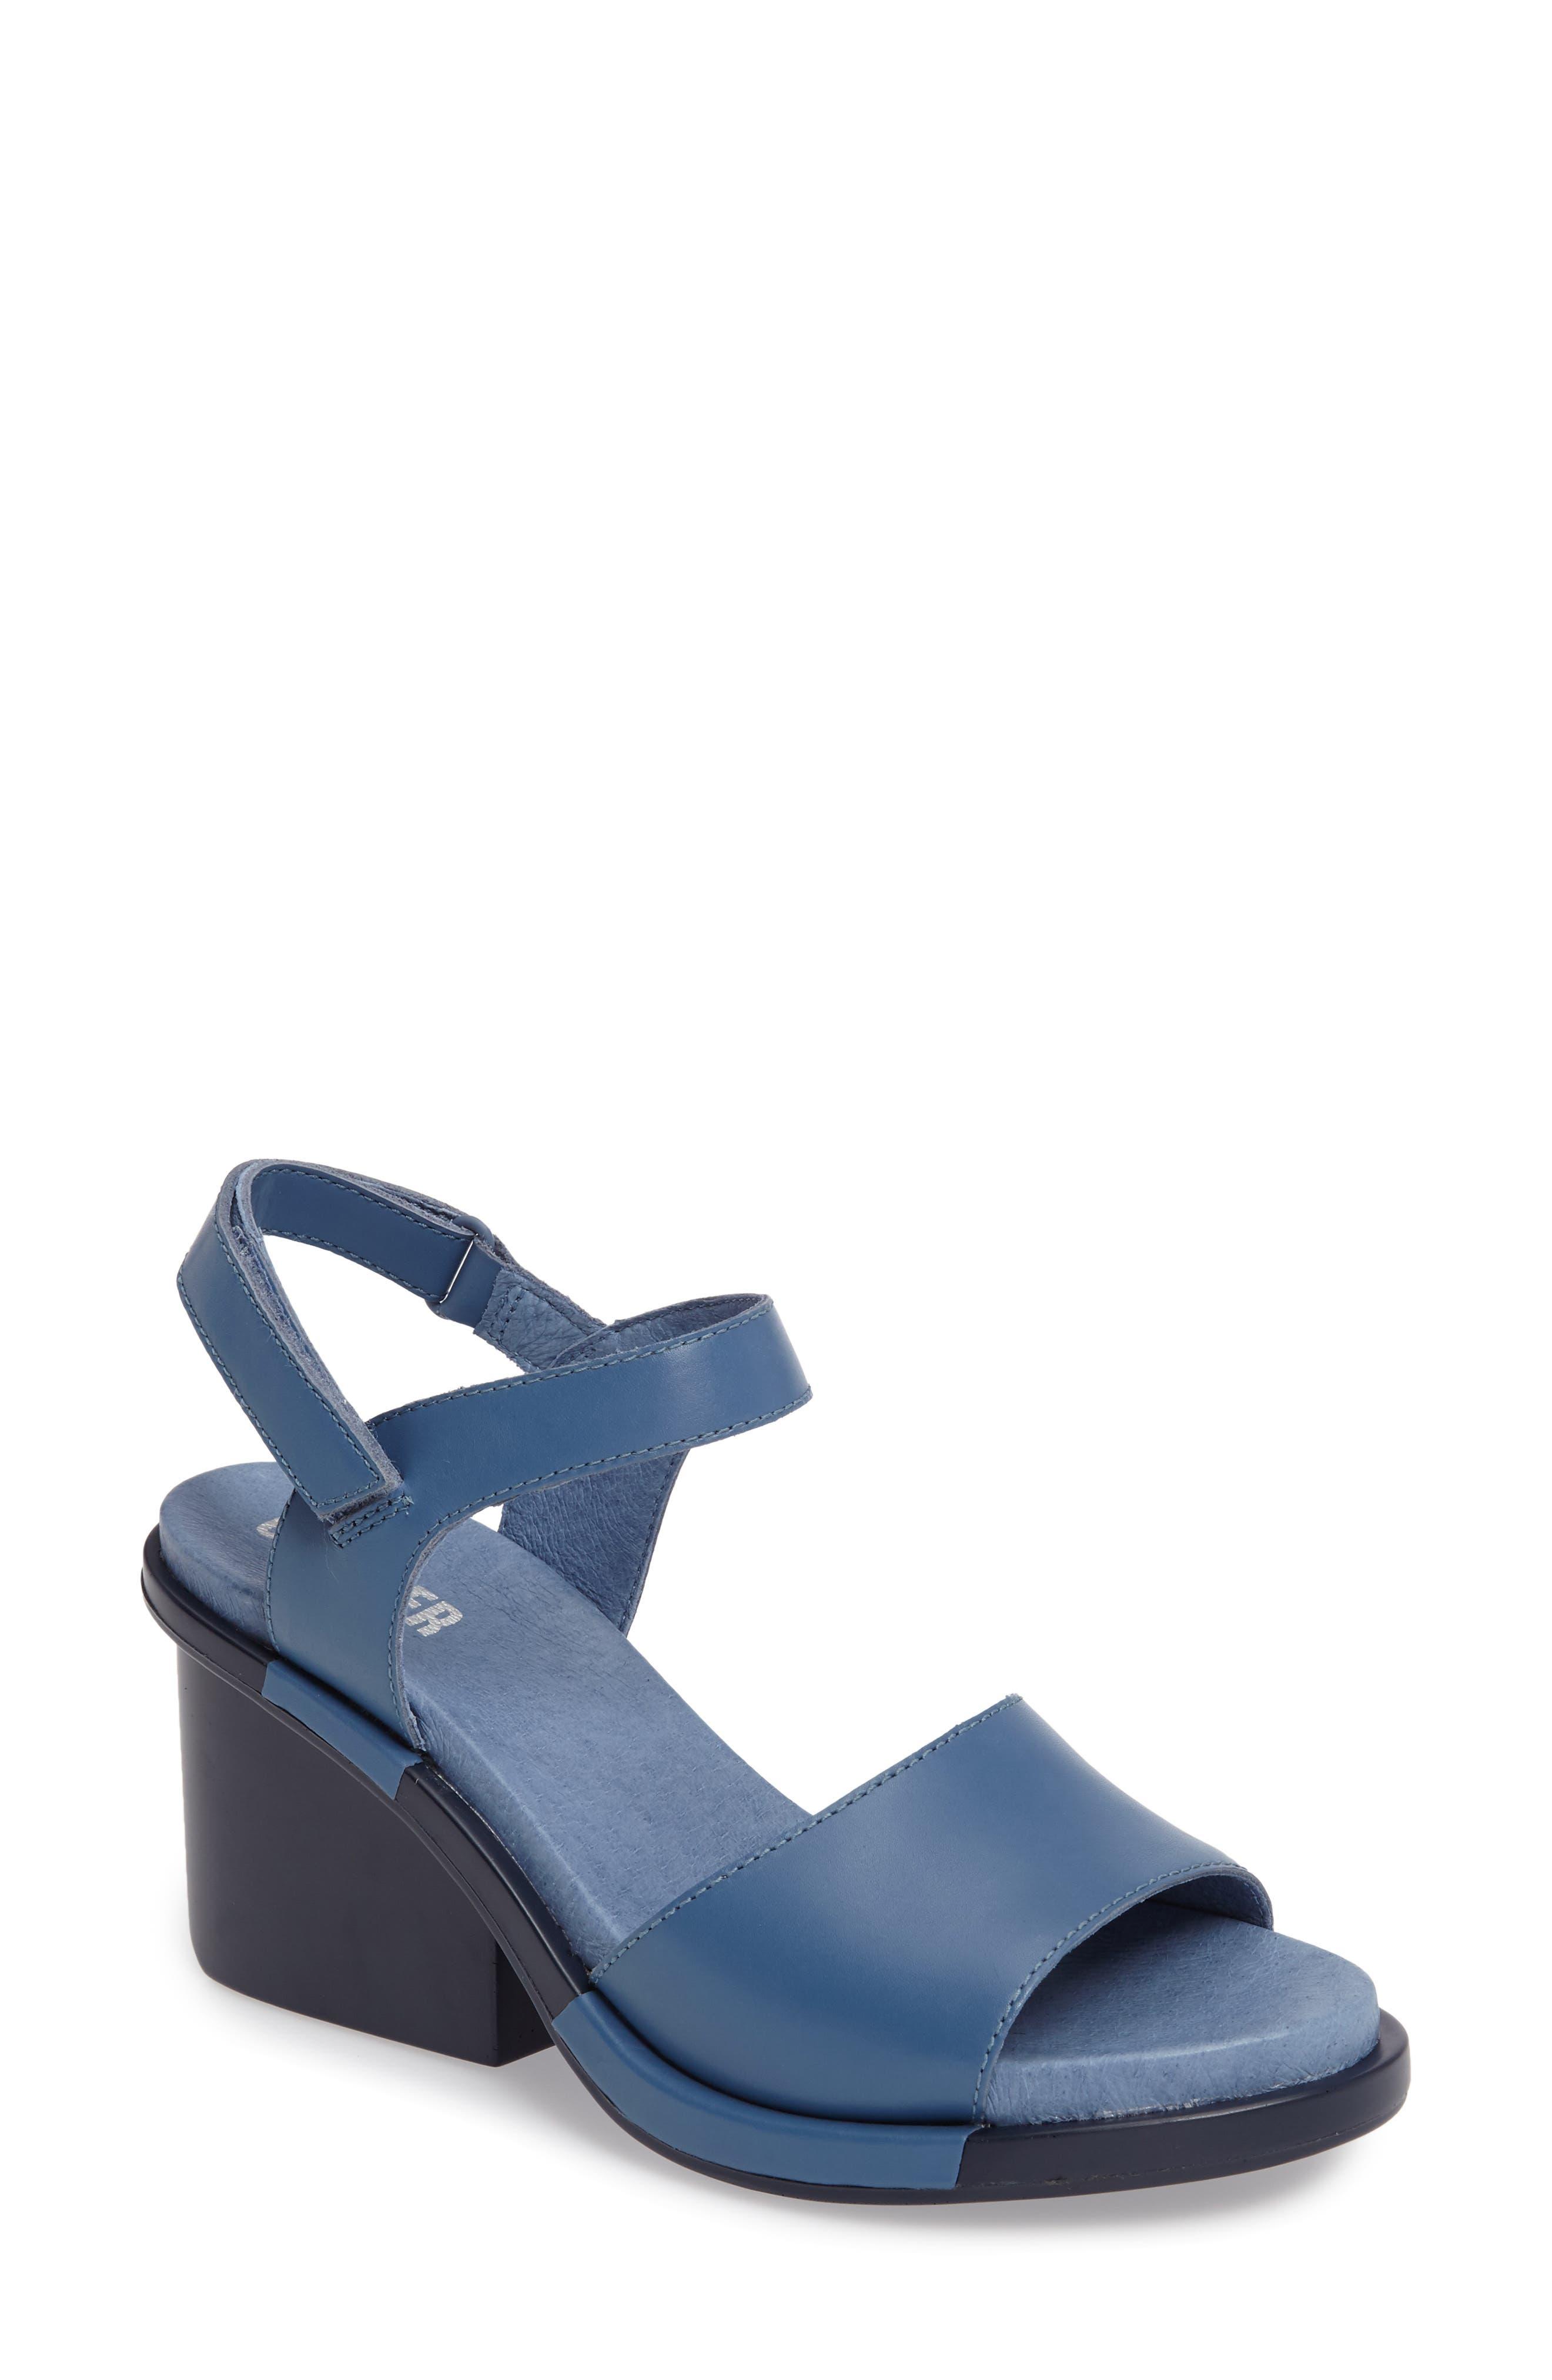 Main Image - Camper Ivy Ankle Strap Sandal (Women)